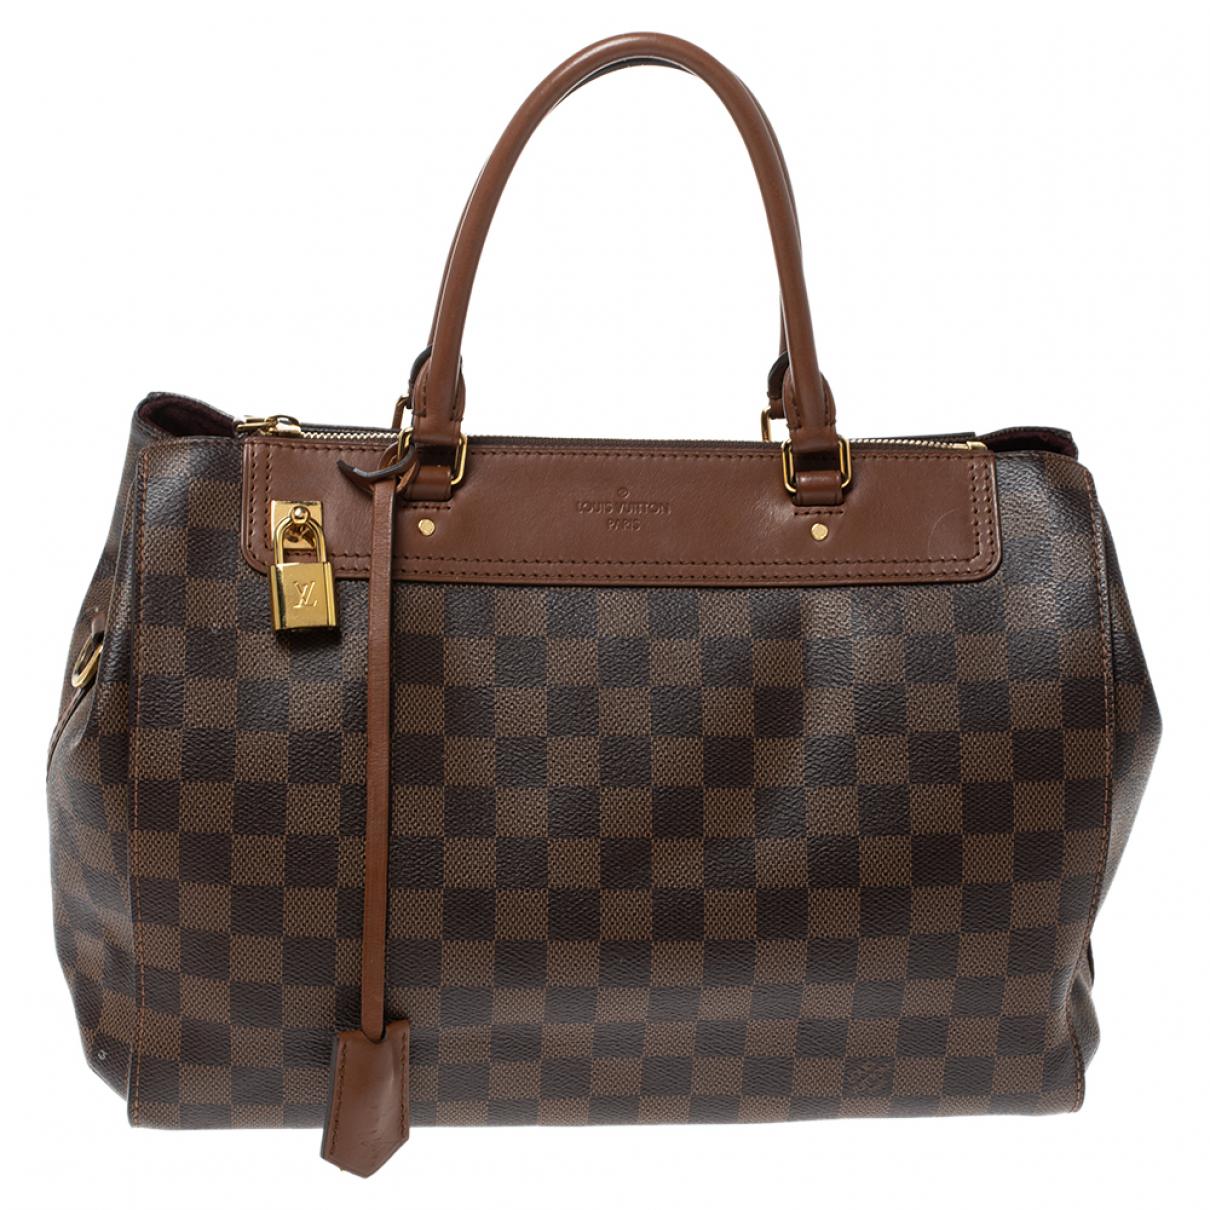 Louis Vuitton - Sac a main Greenwich pour femme en cuir - marron